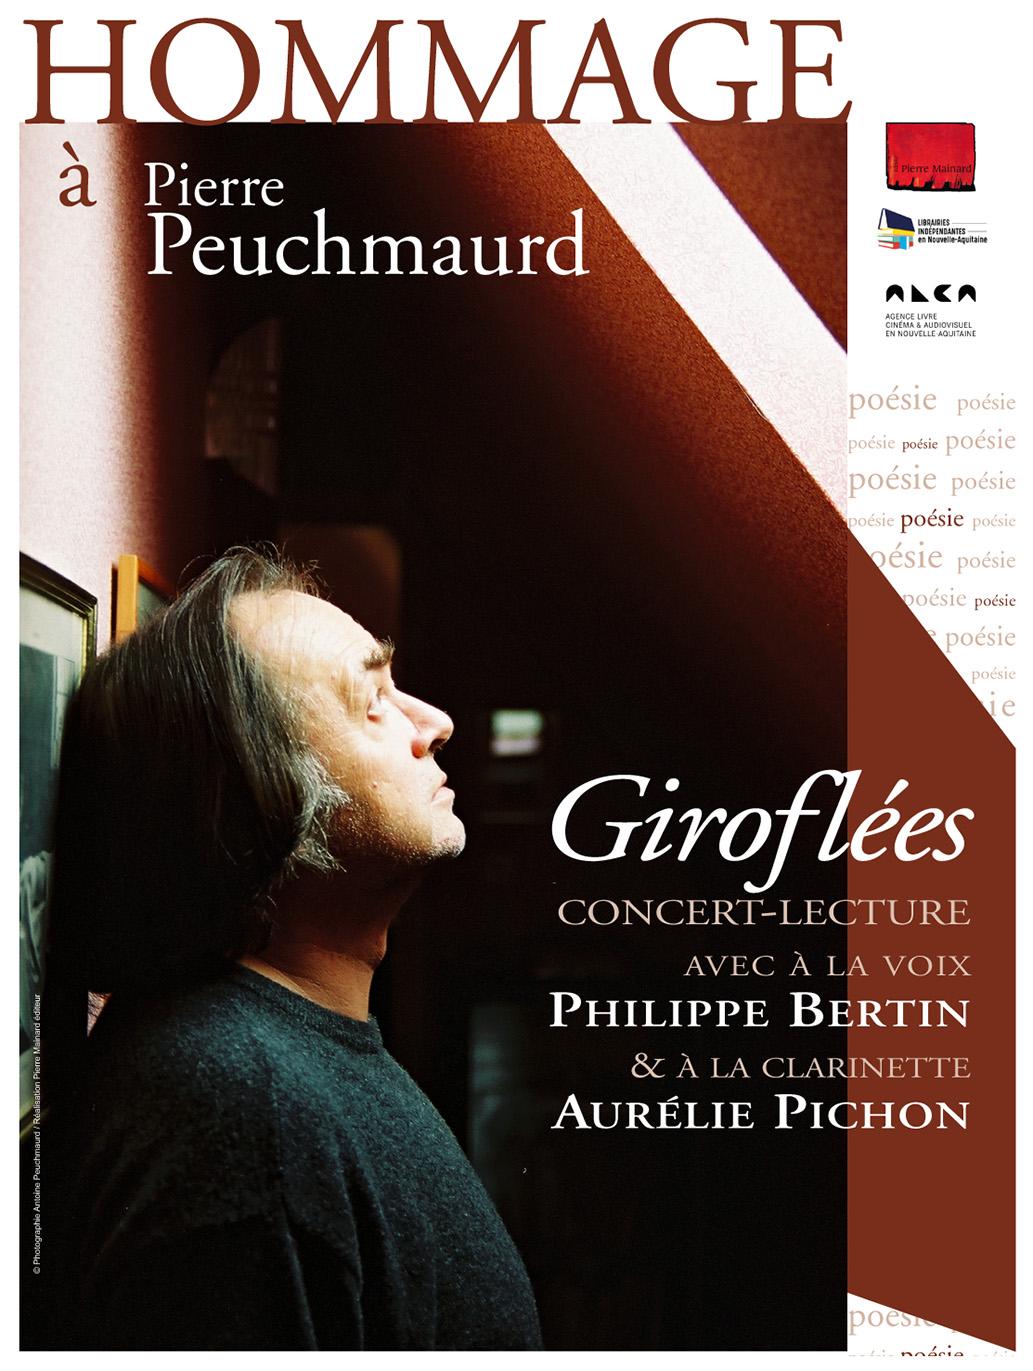 HOMMAGE À PIERRE PEUCHMAURD - Concert-Lecturepar Philippe BERTIN & Aurélie PICHON